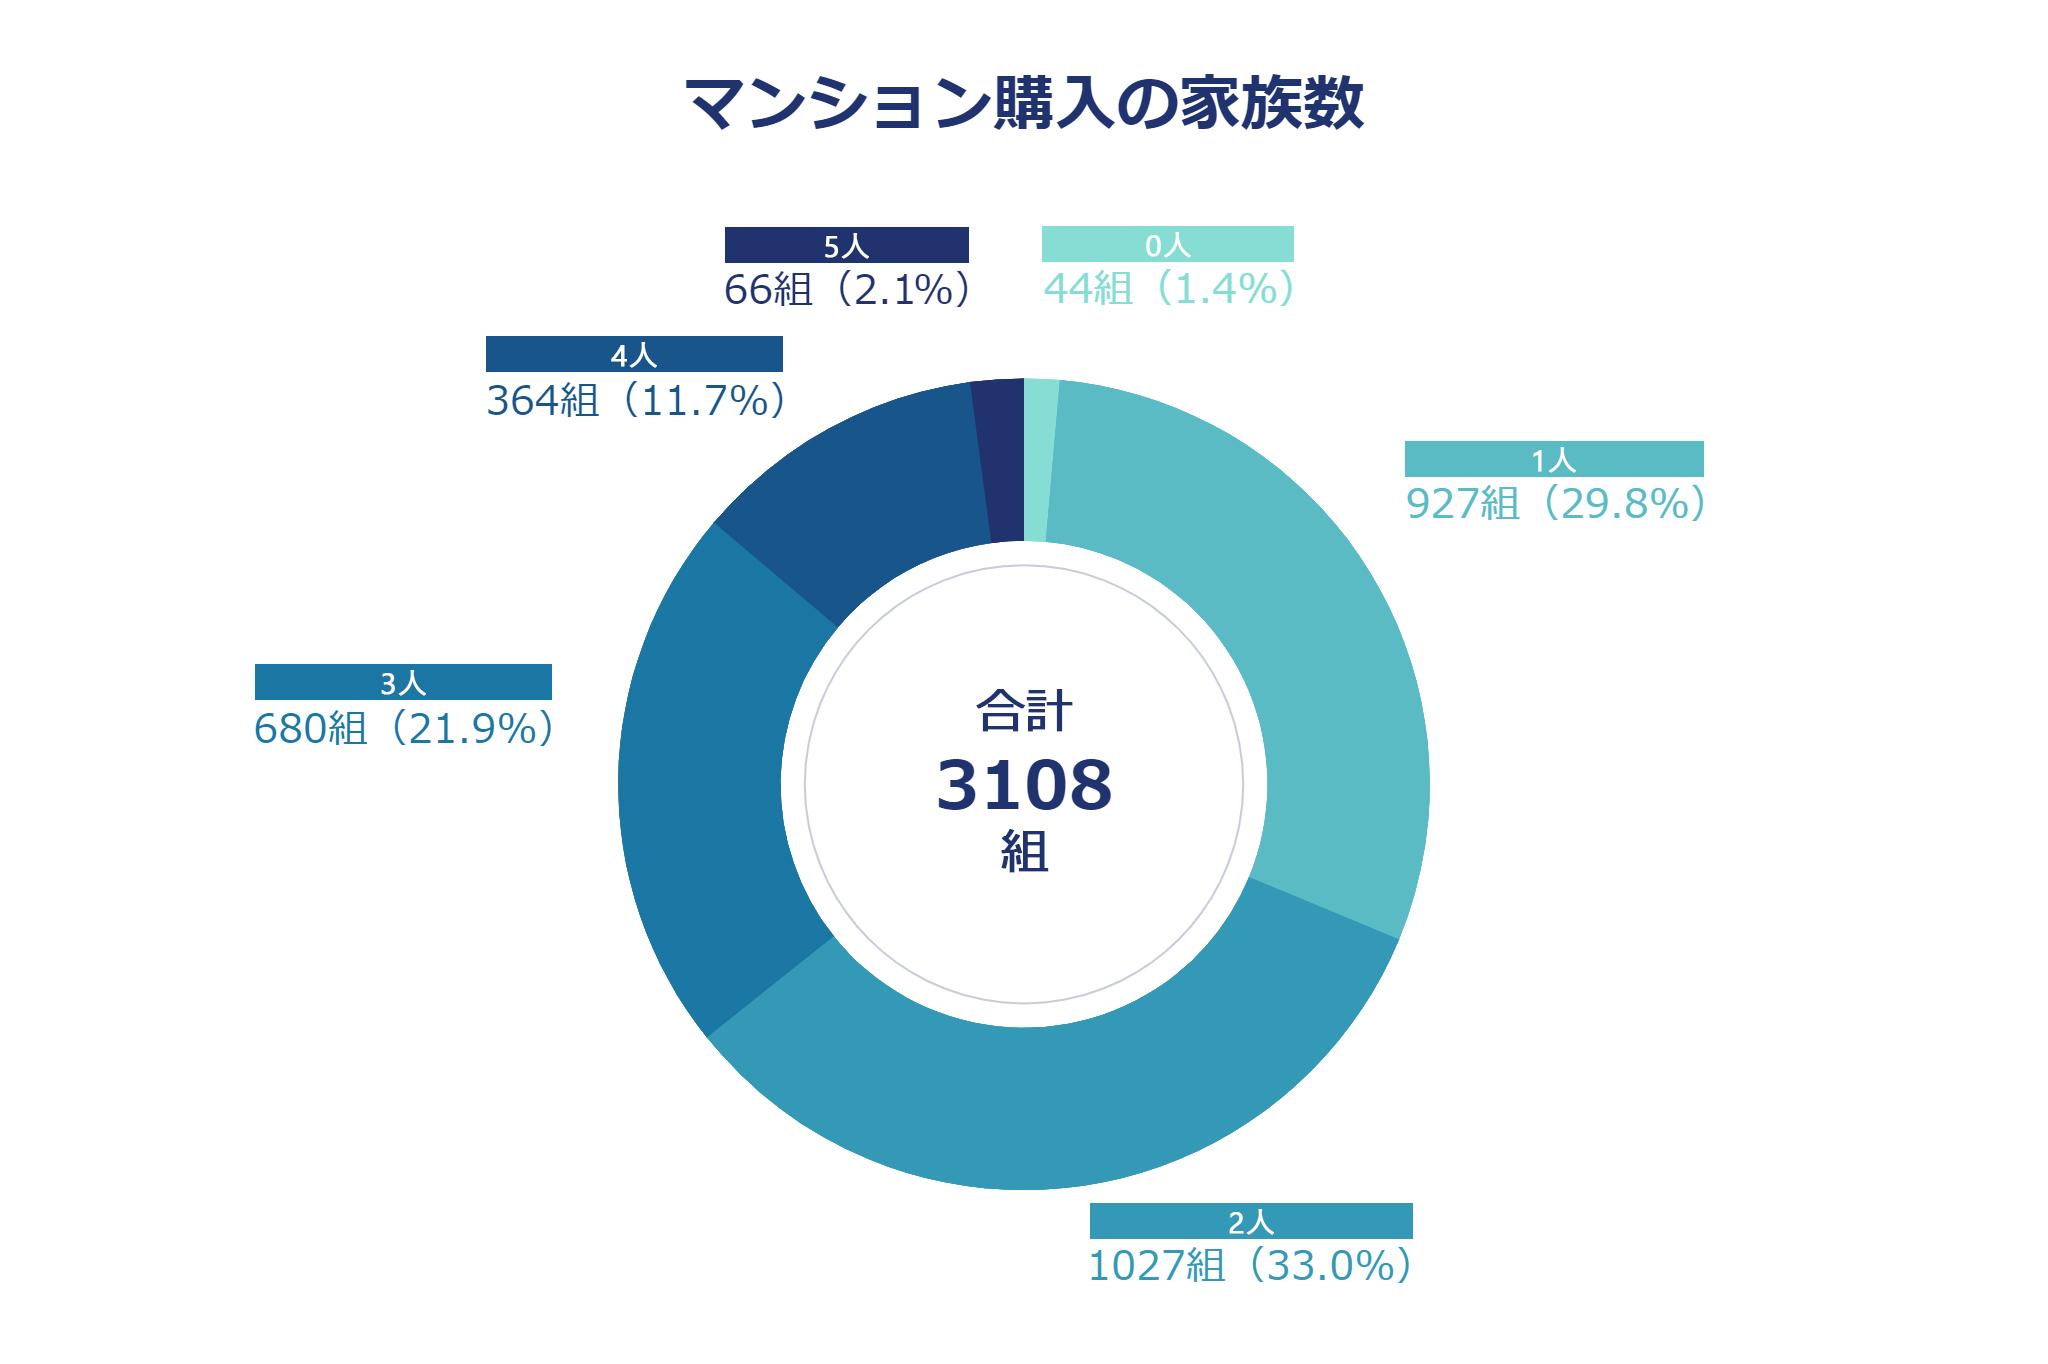 マンション購入者の家族数